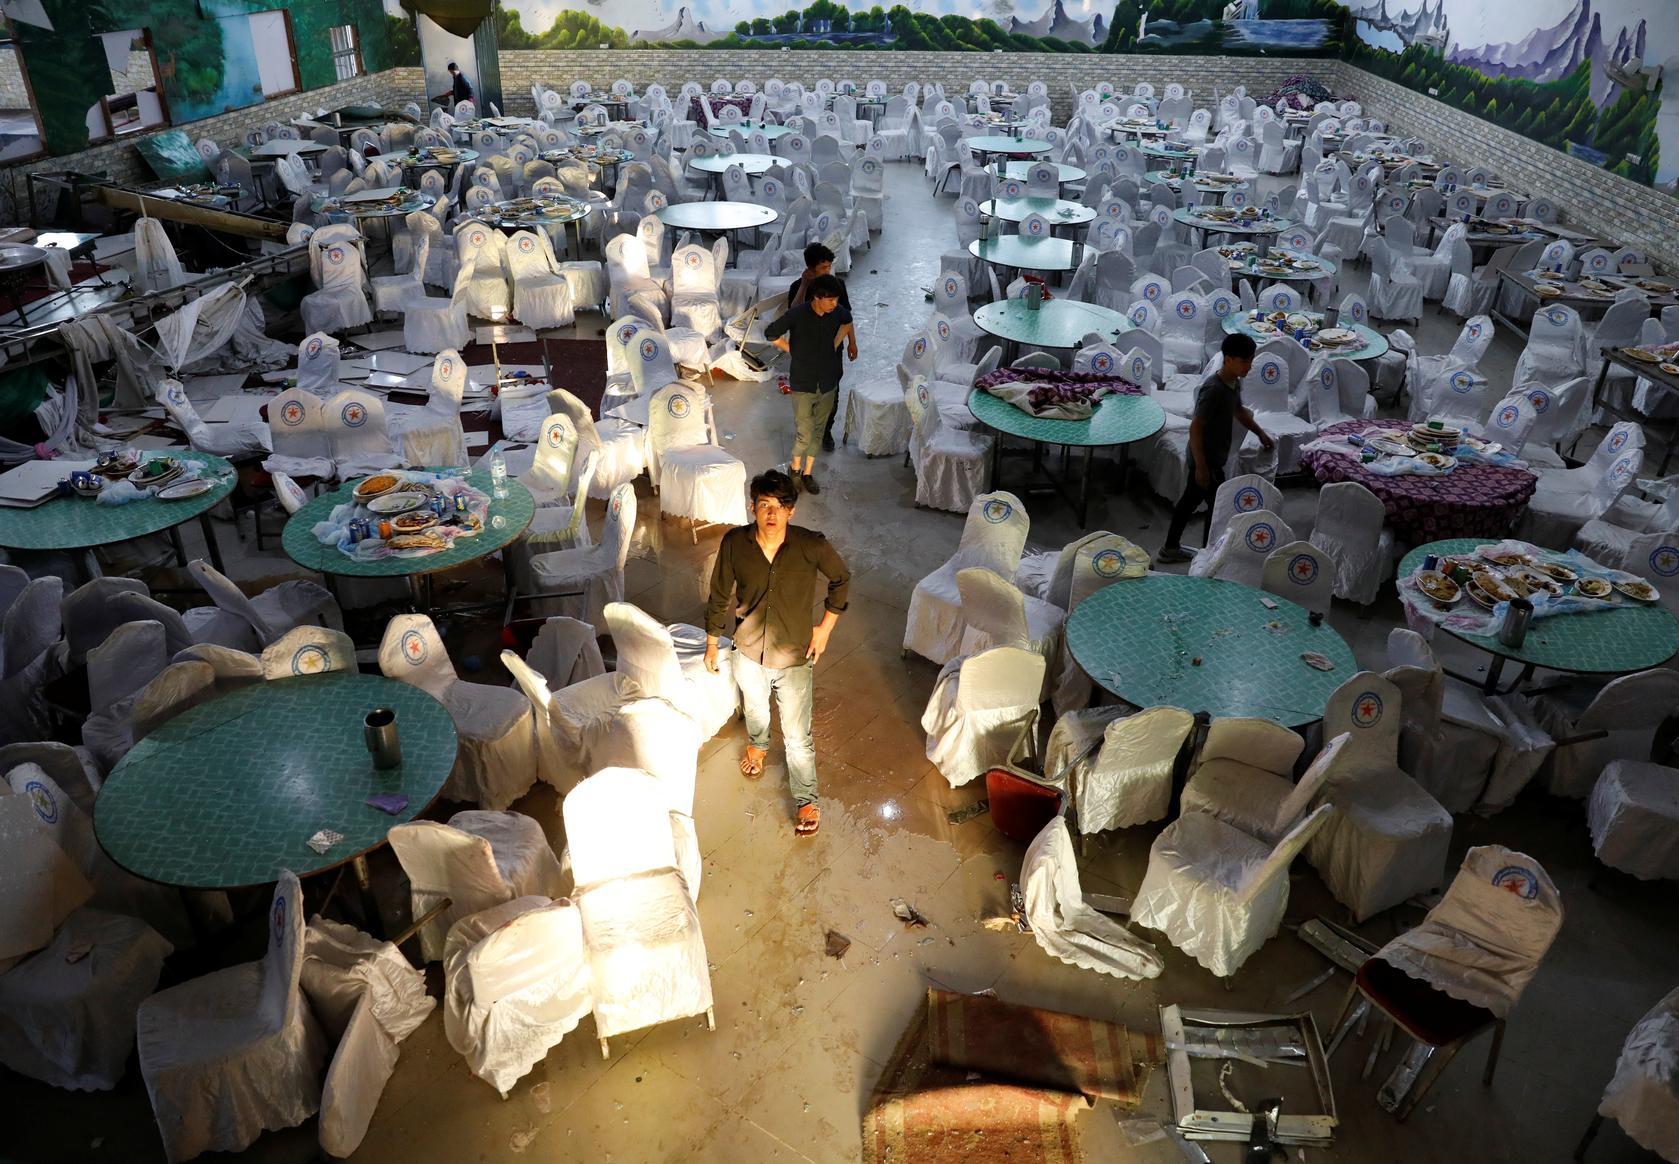 Afghan wedding suicide blast kills 63, amid hopes for talks 21